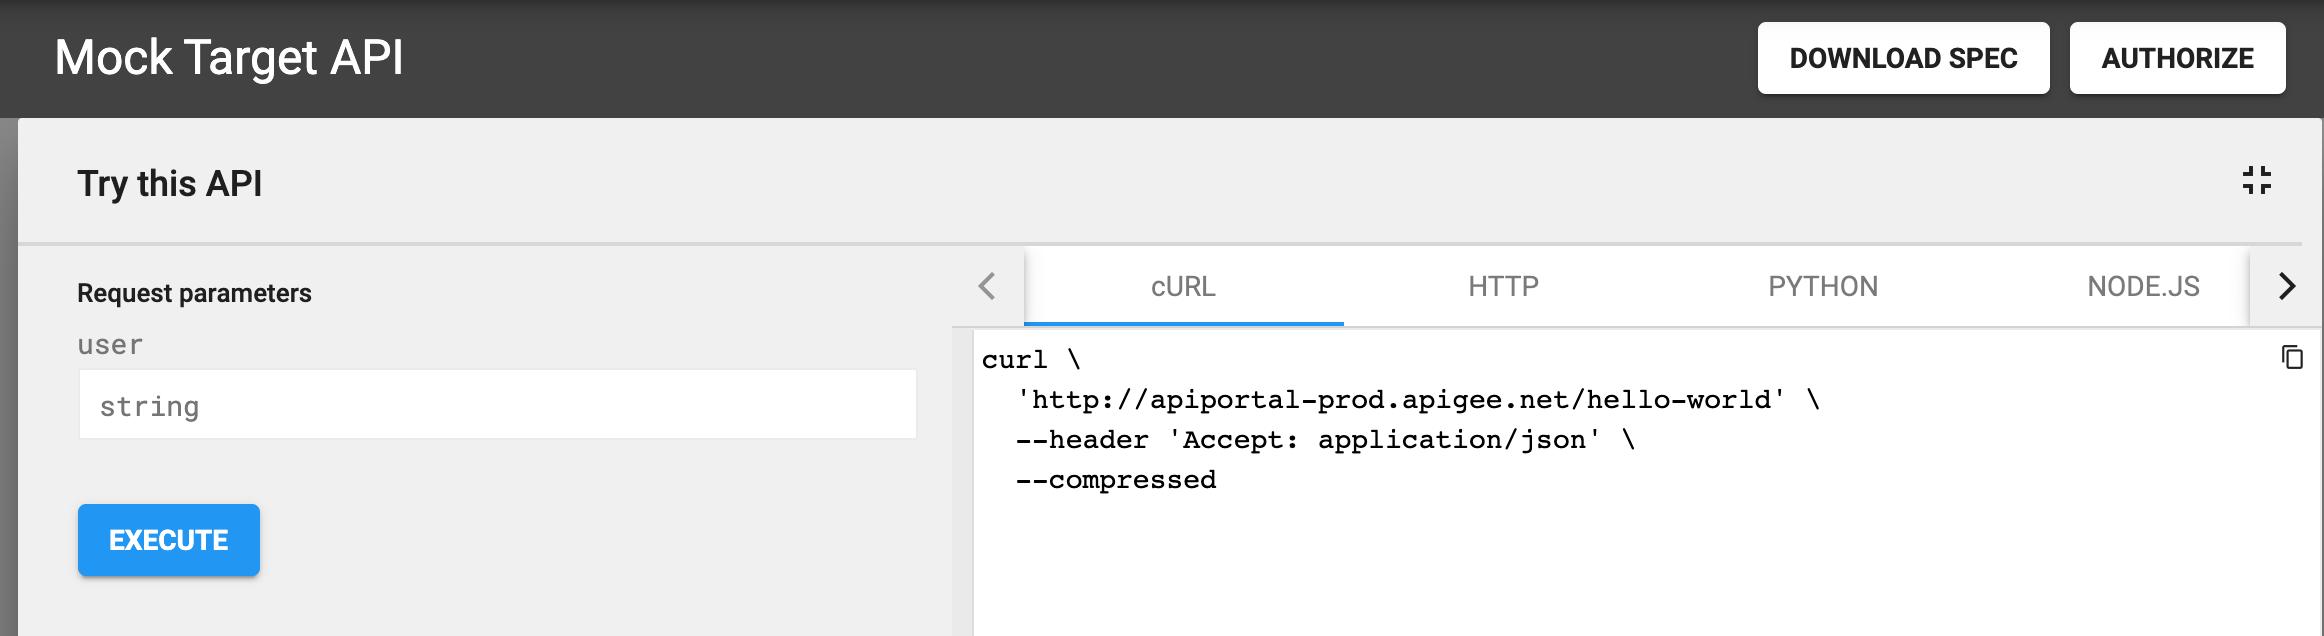 """Expandir painel """"Testar esta API"""""""